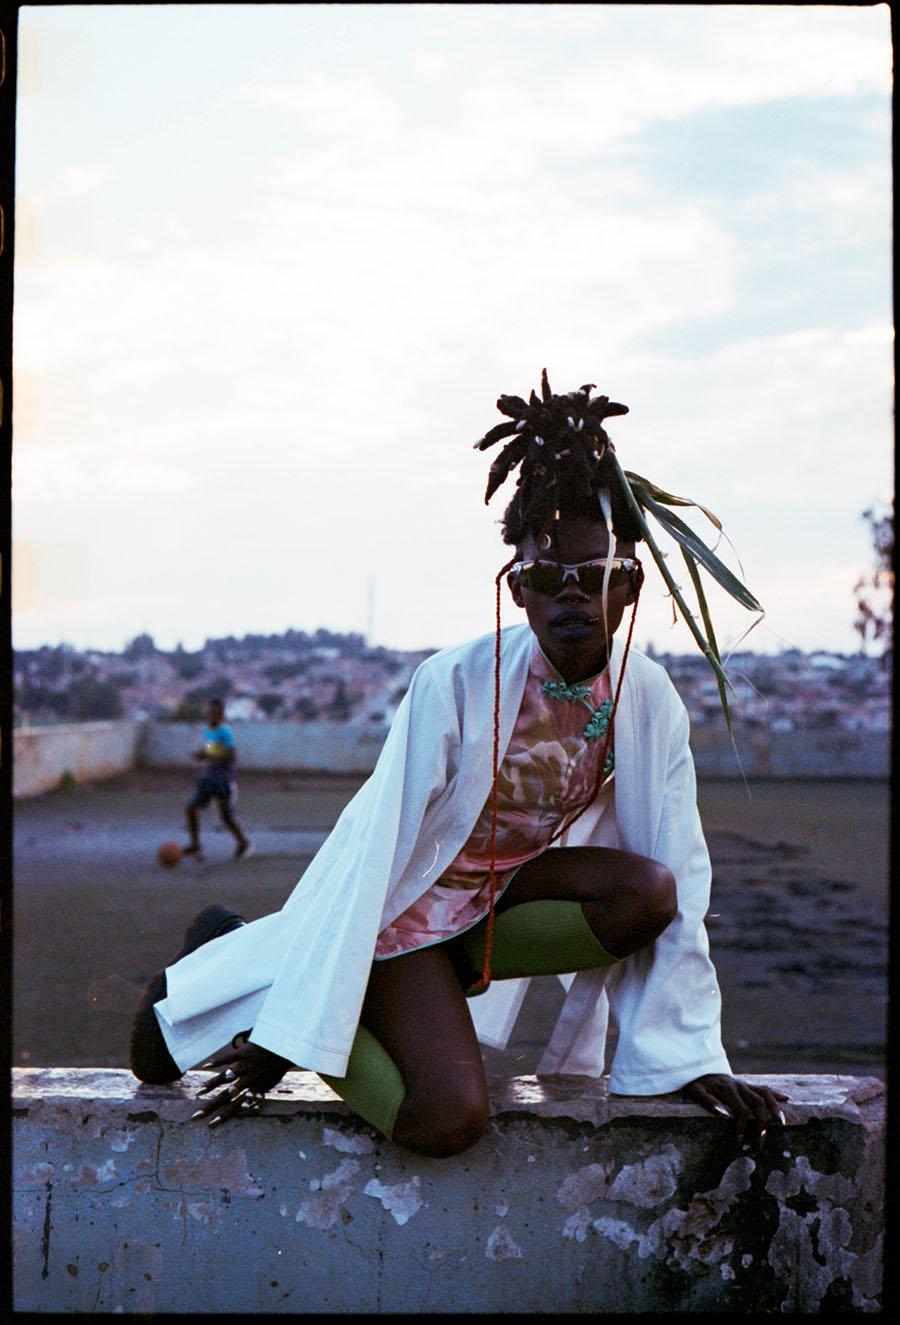 griot-mag jojo abot-artista-performer-ghana-intervista